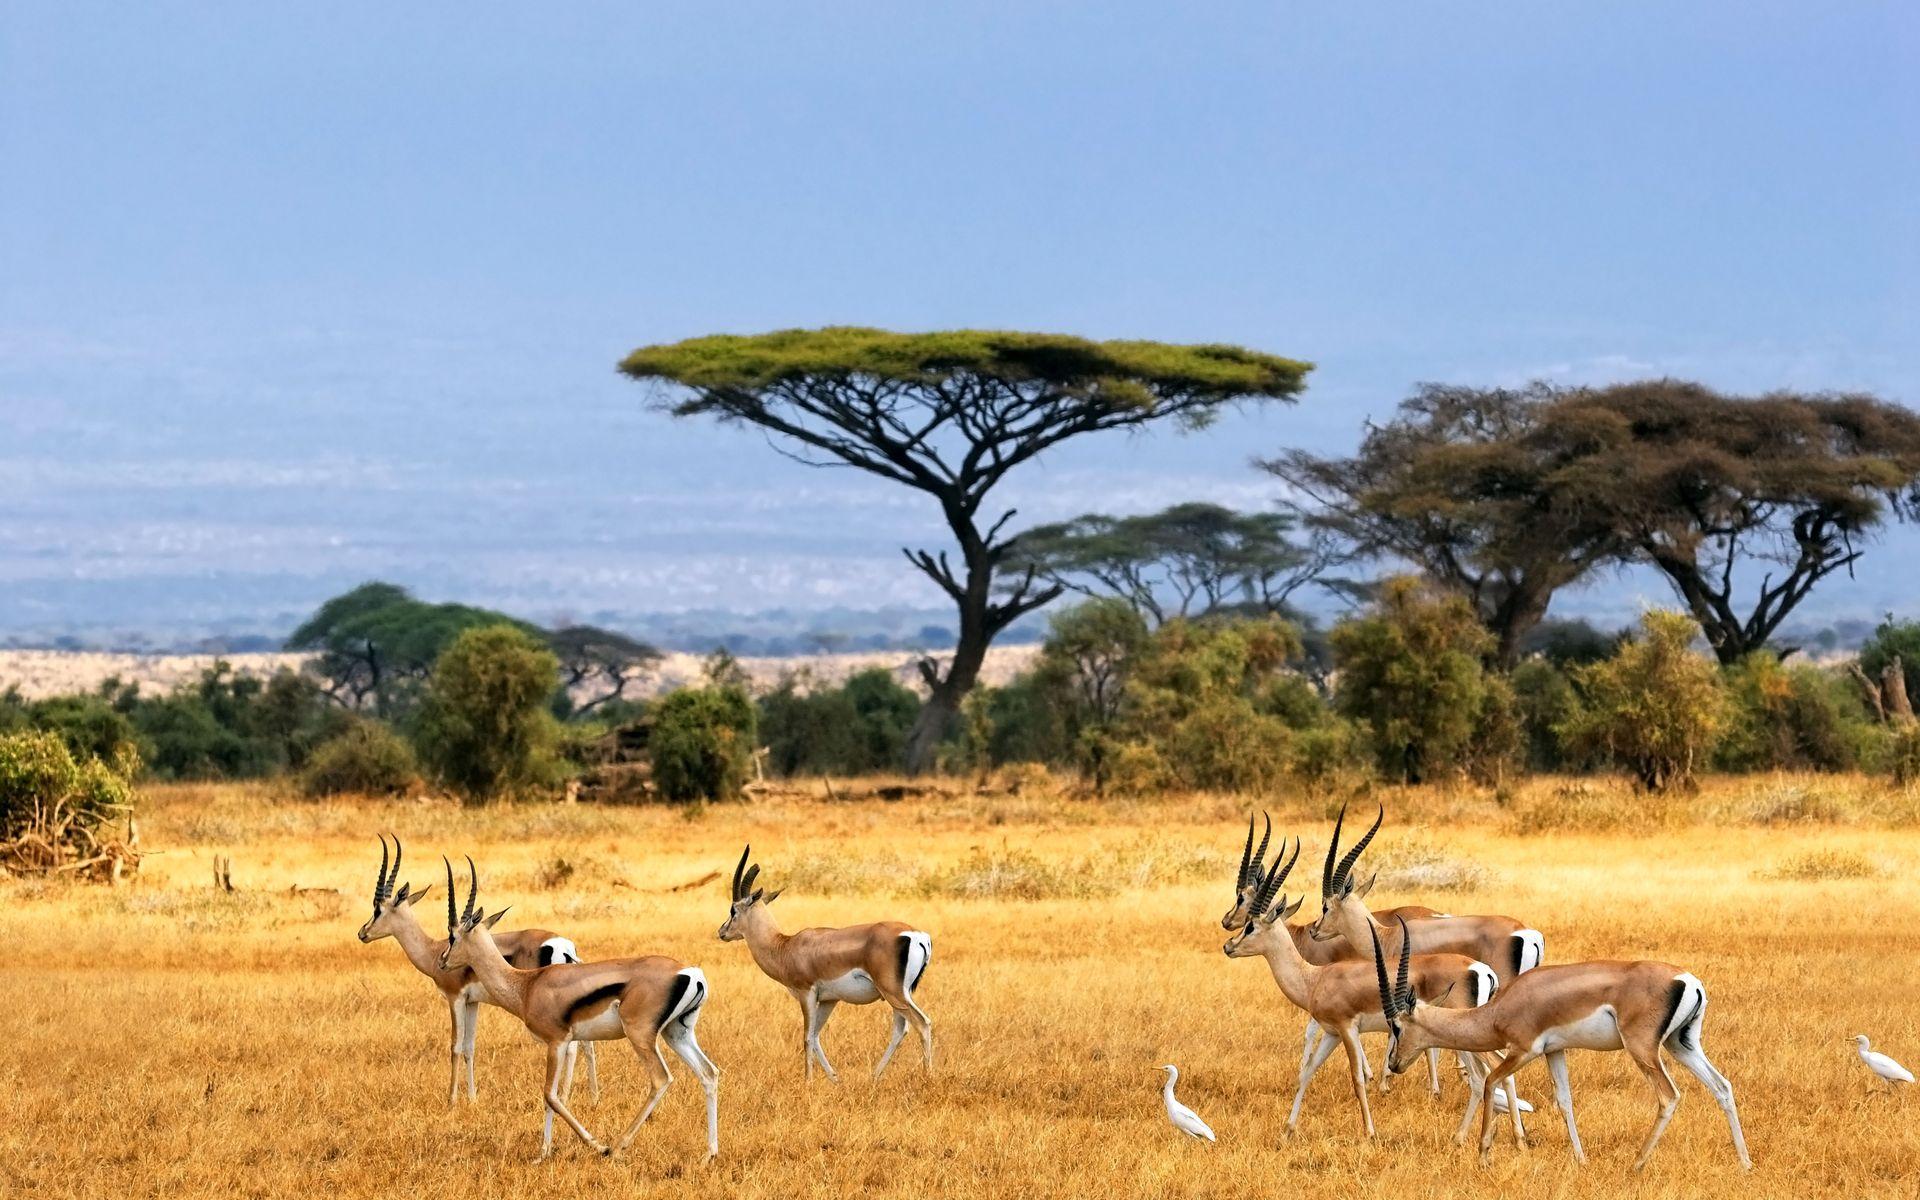 47 Safari Wallpaper Backgrounds On Wallpapersafari